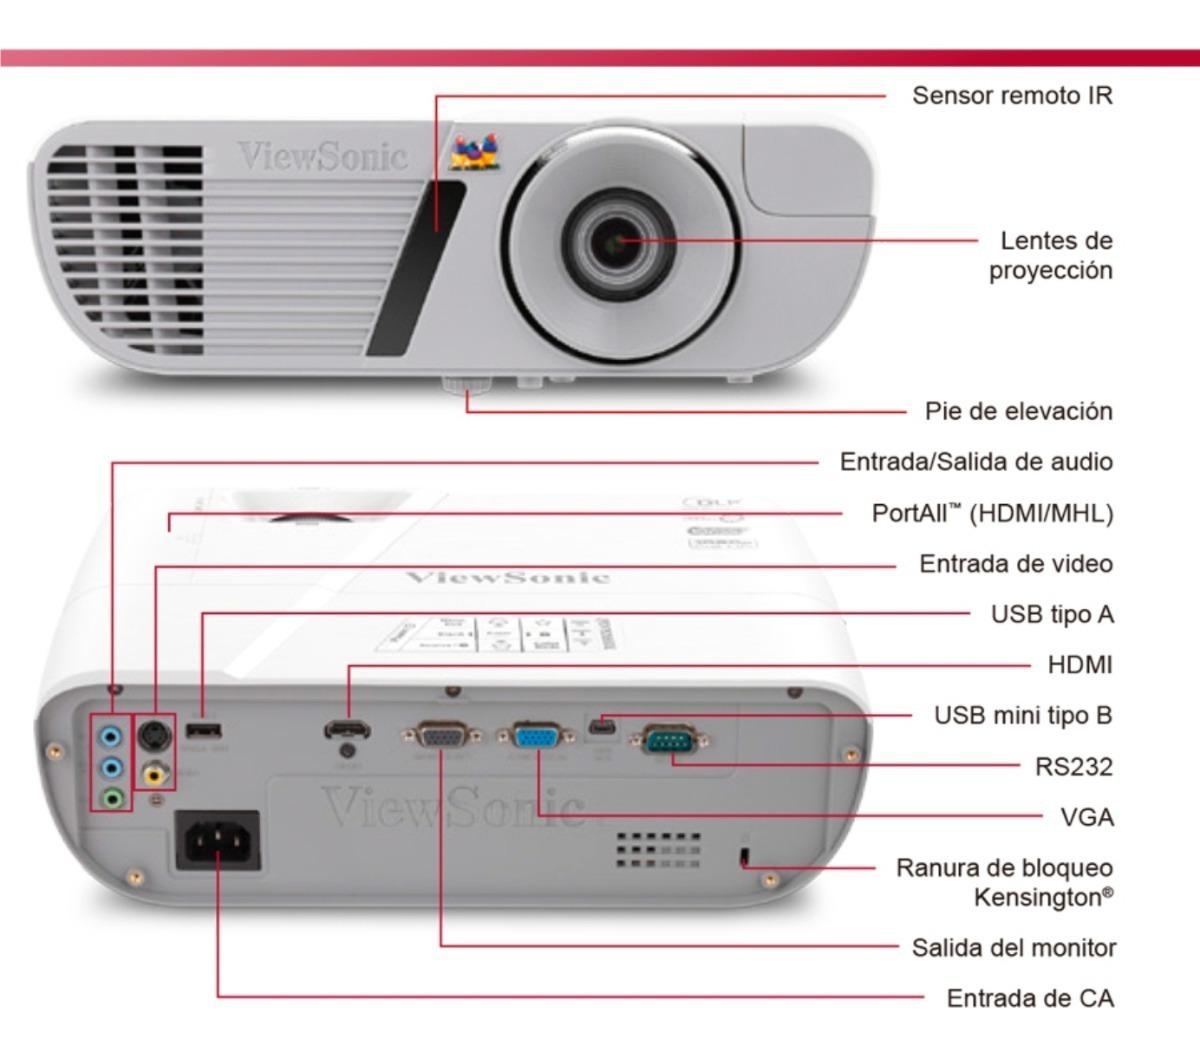 https://http2.mlstatic.com/proyector-viewsonic-pjd7828hdl-mod-2018-1080p-nativo-hdmi-x2-D_NQ_NP_755277-MLA31584832869_072019-F.jpg